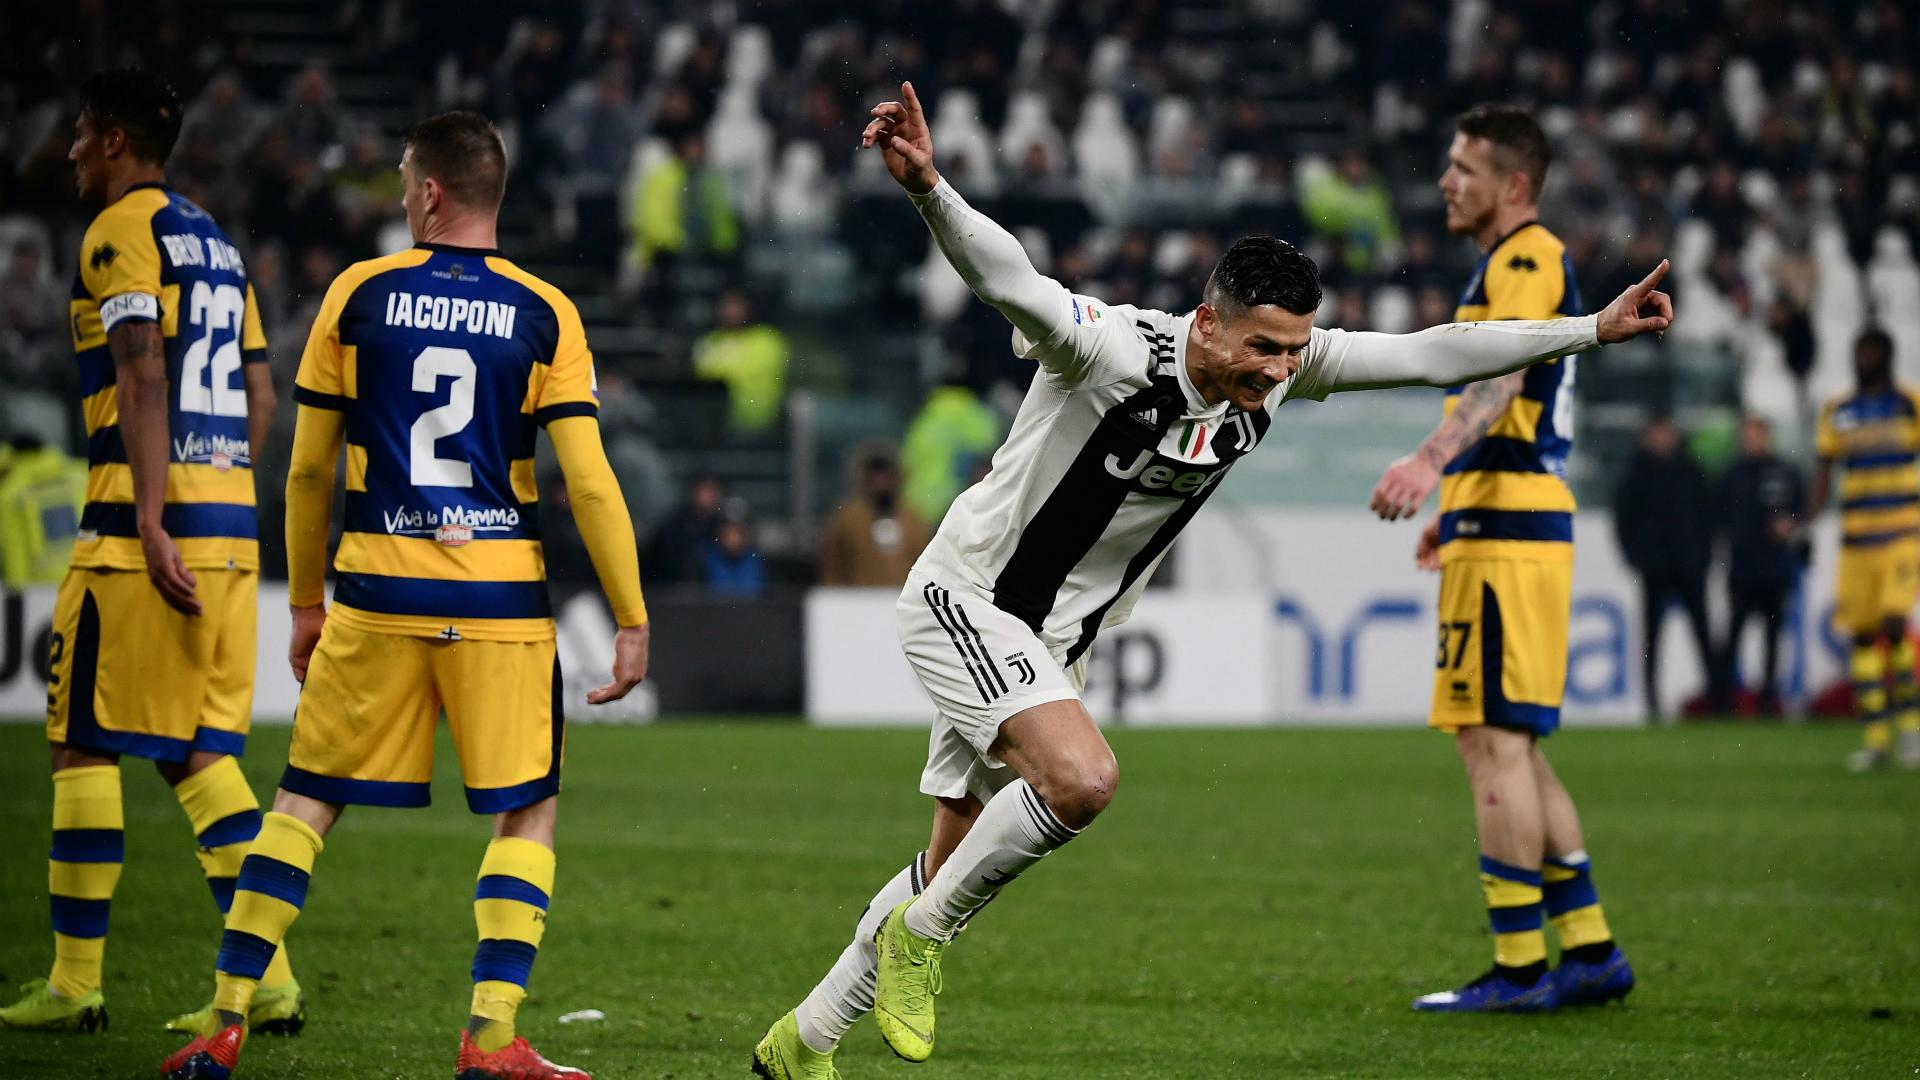 Calendario Serie Juventus.Calendario Serie A 2019 20 Prima Giornata Con Parma Juventus